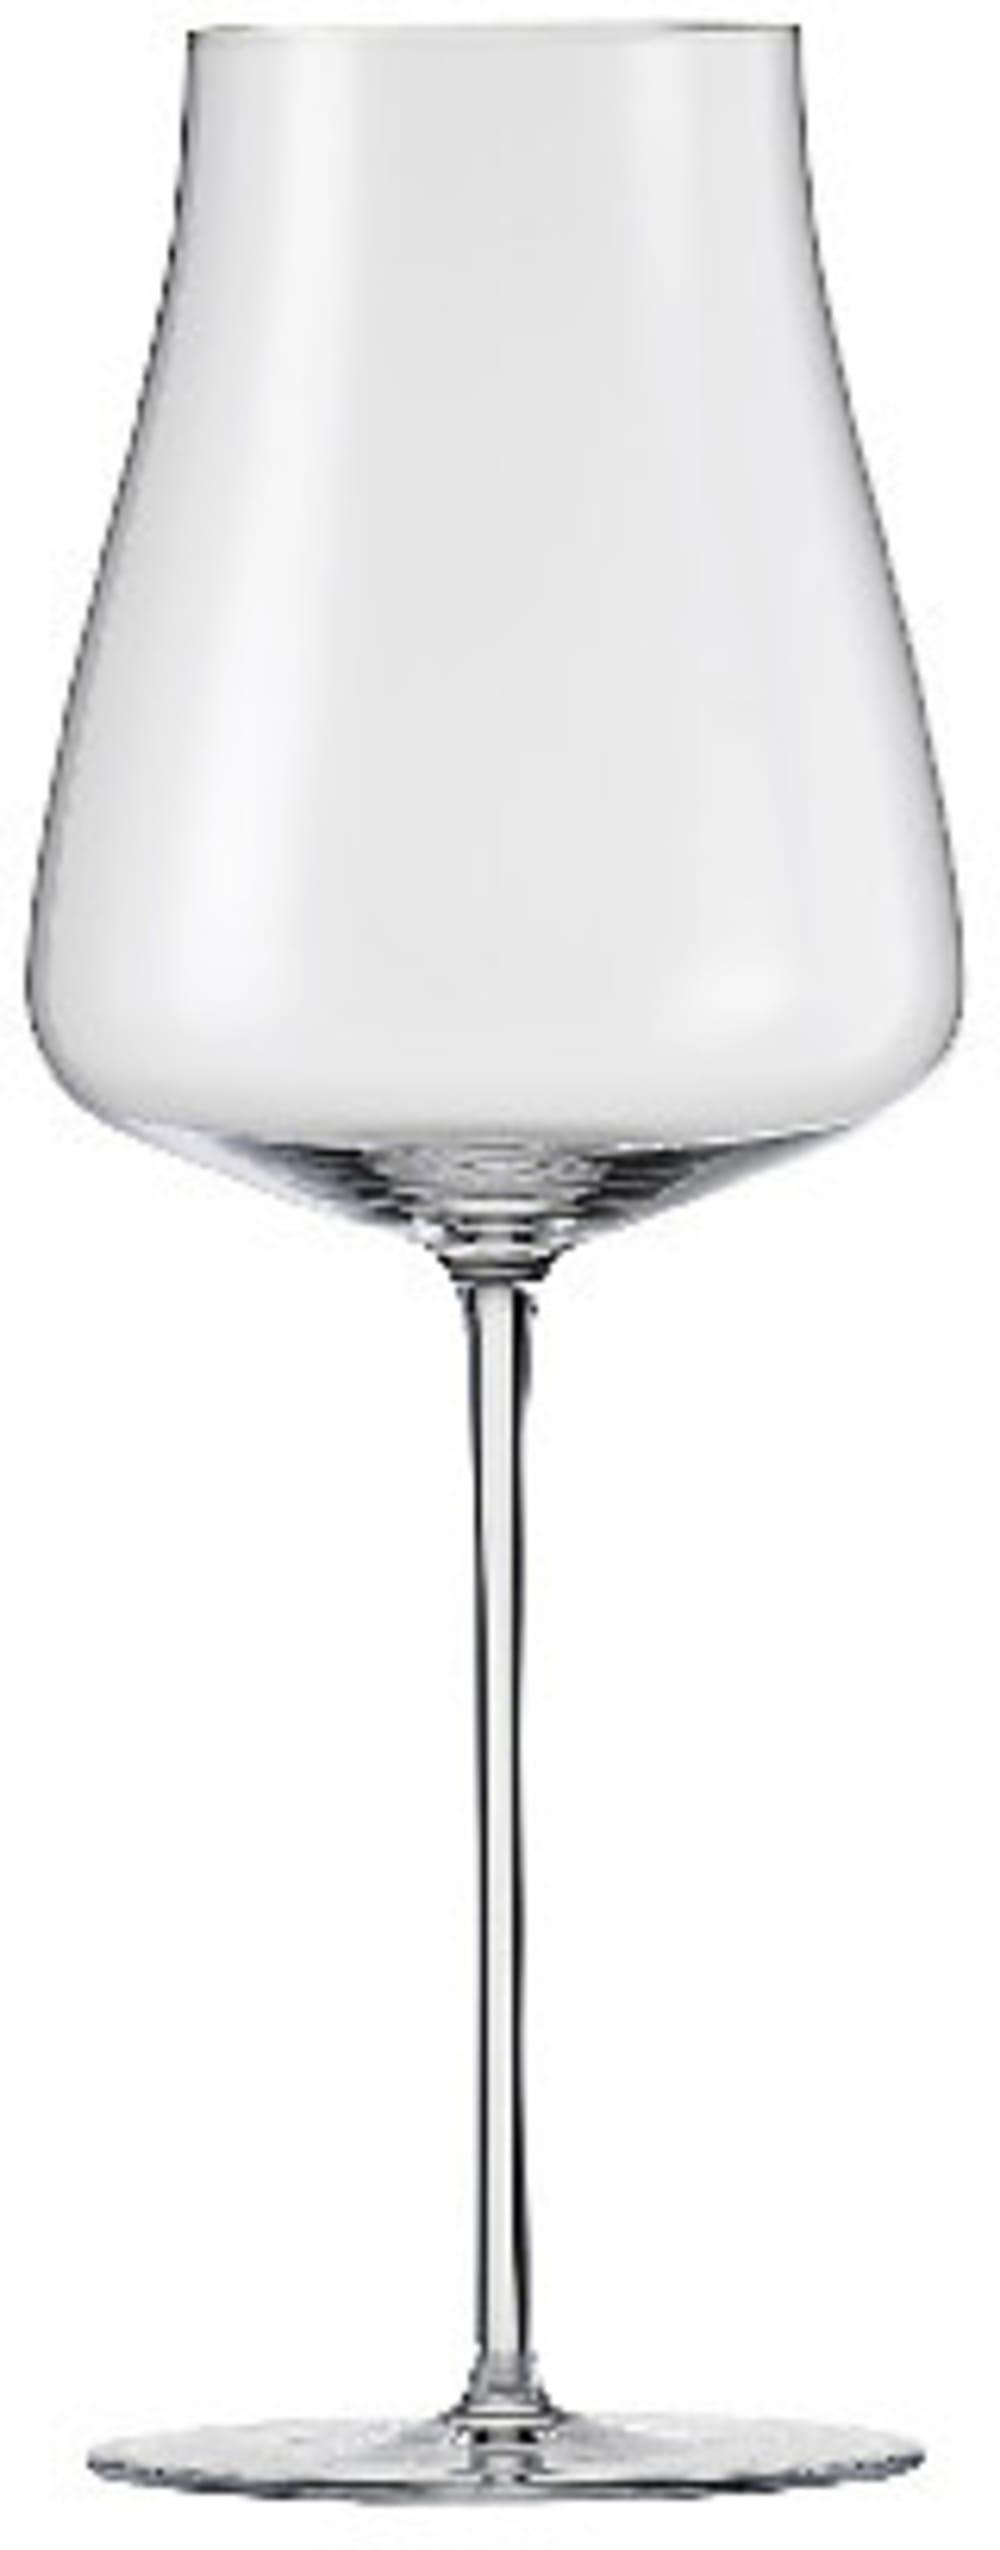 WINE CLASSICS Kieliszek do wina 862 ml